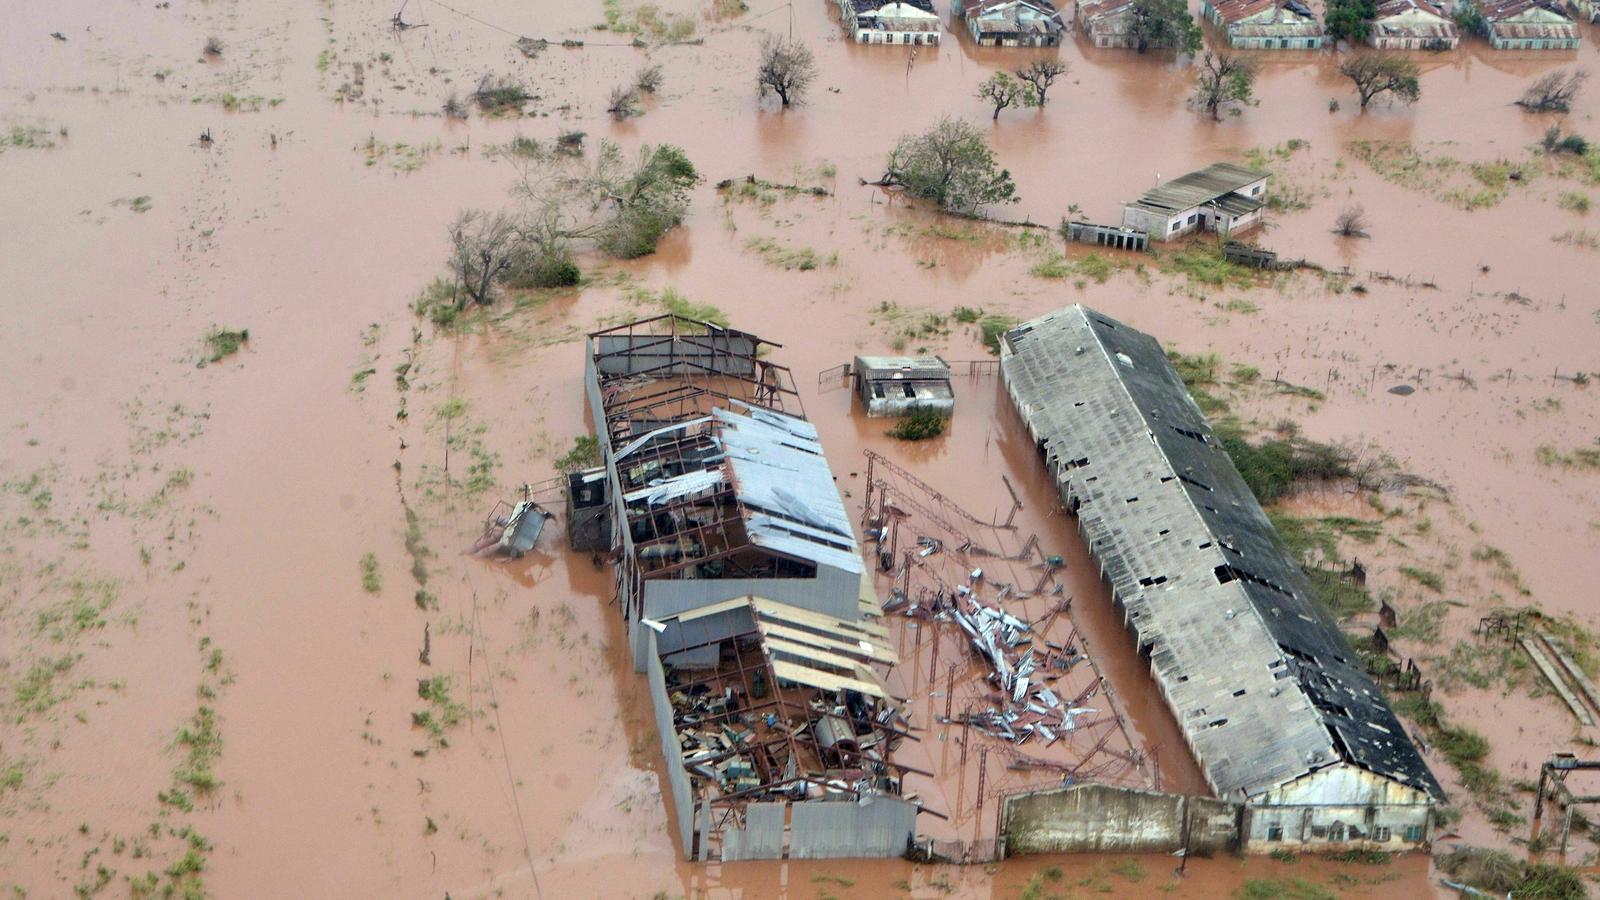 Hospital de Beira destruït per les inundacions